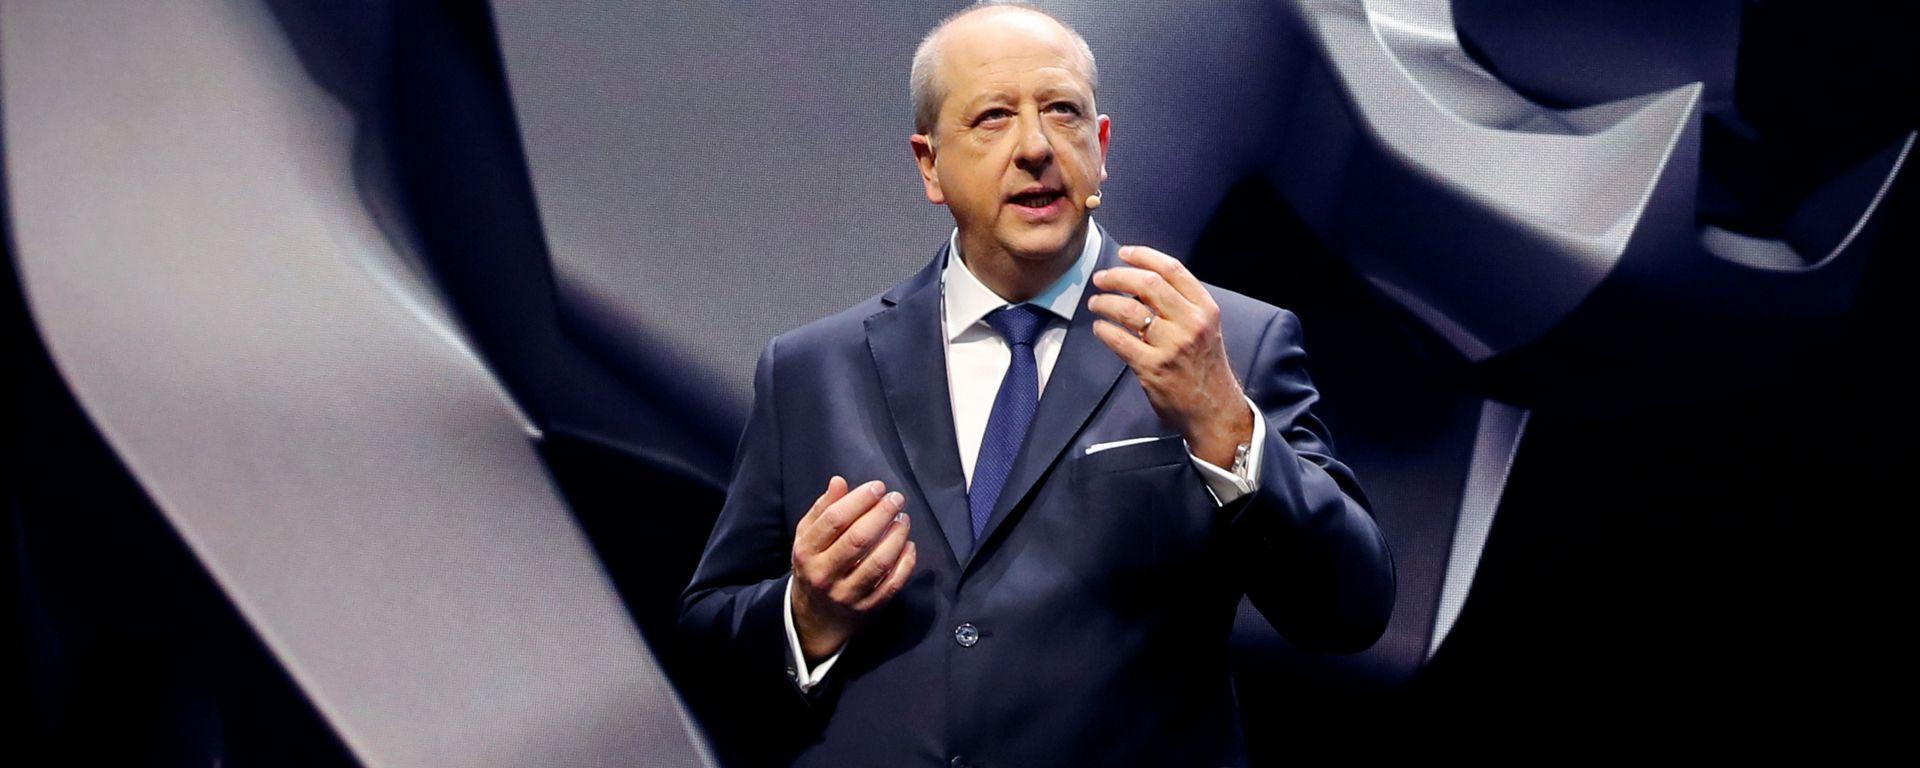 Jean-Philippe Imparato, dal 2021 nuovo CEO Alfa Romeo